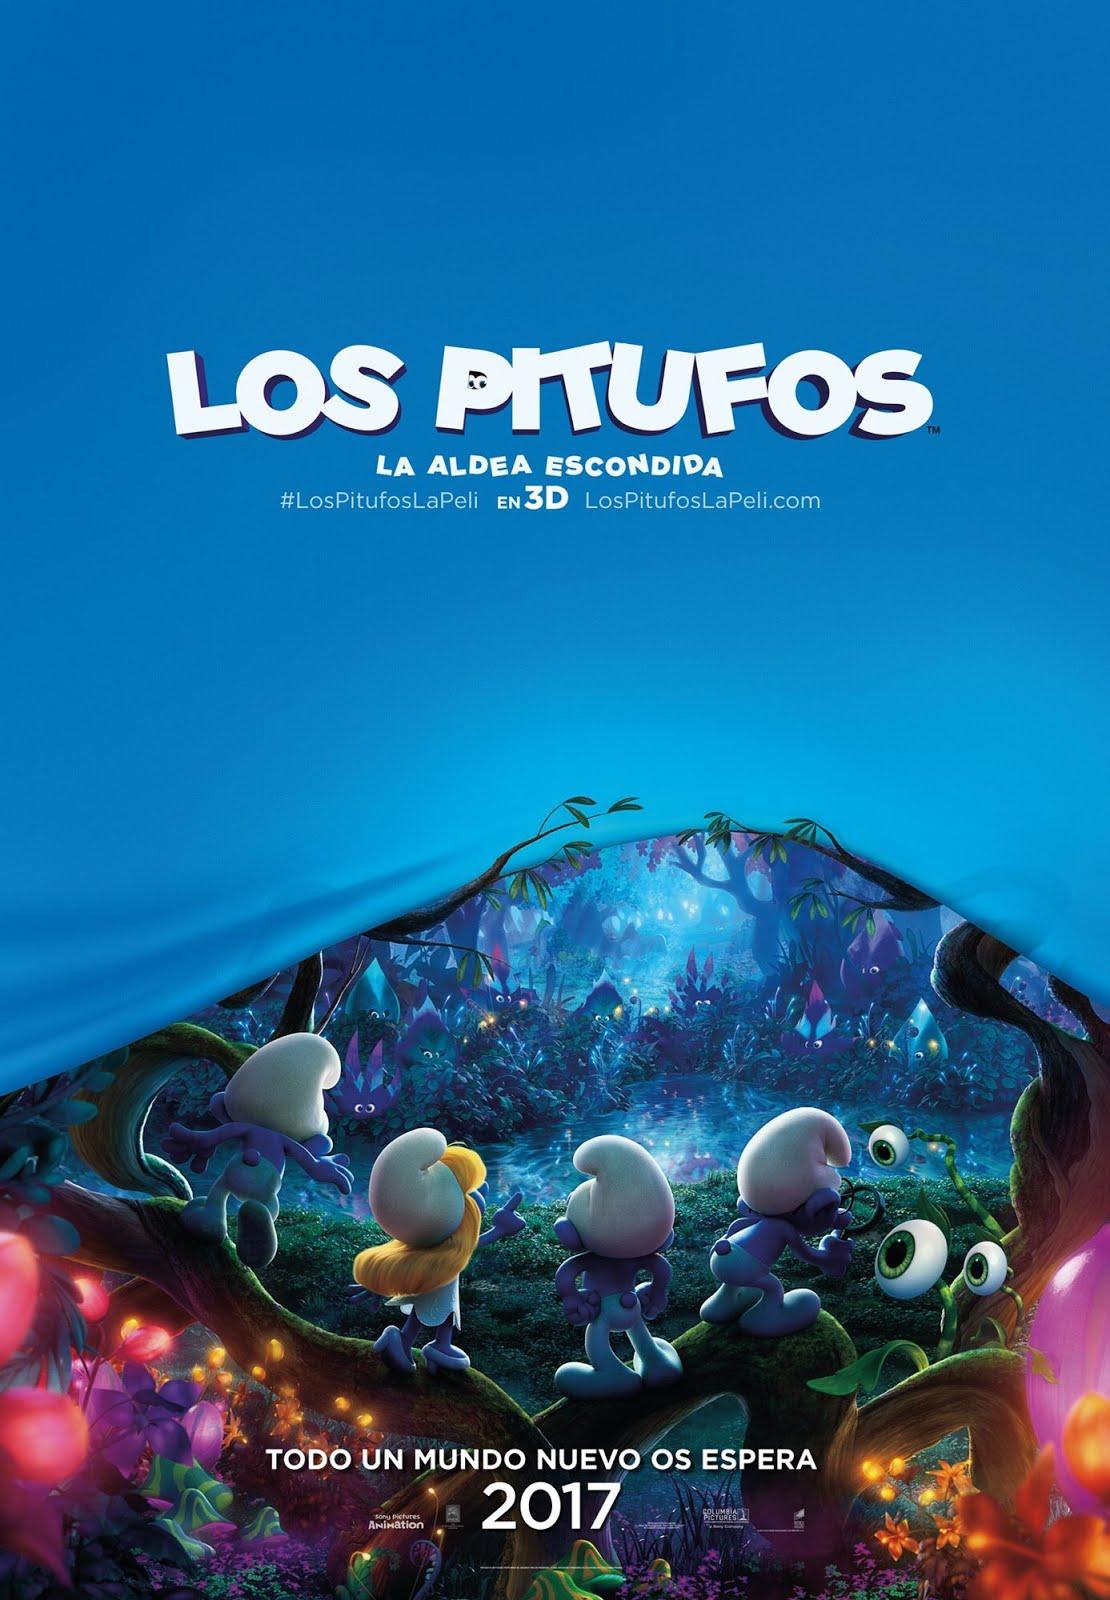 Los Pitufos: La Aldea Escondida (31-03-2017)